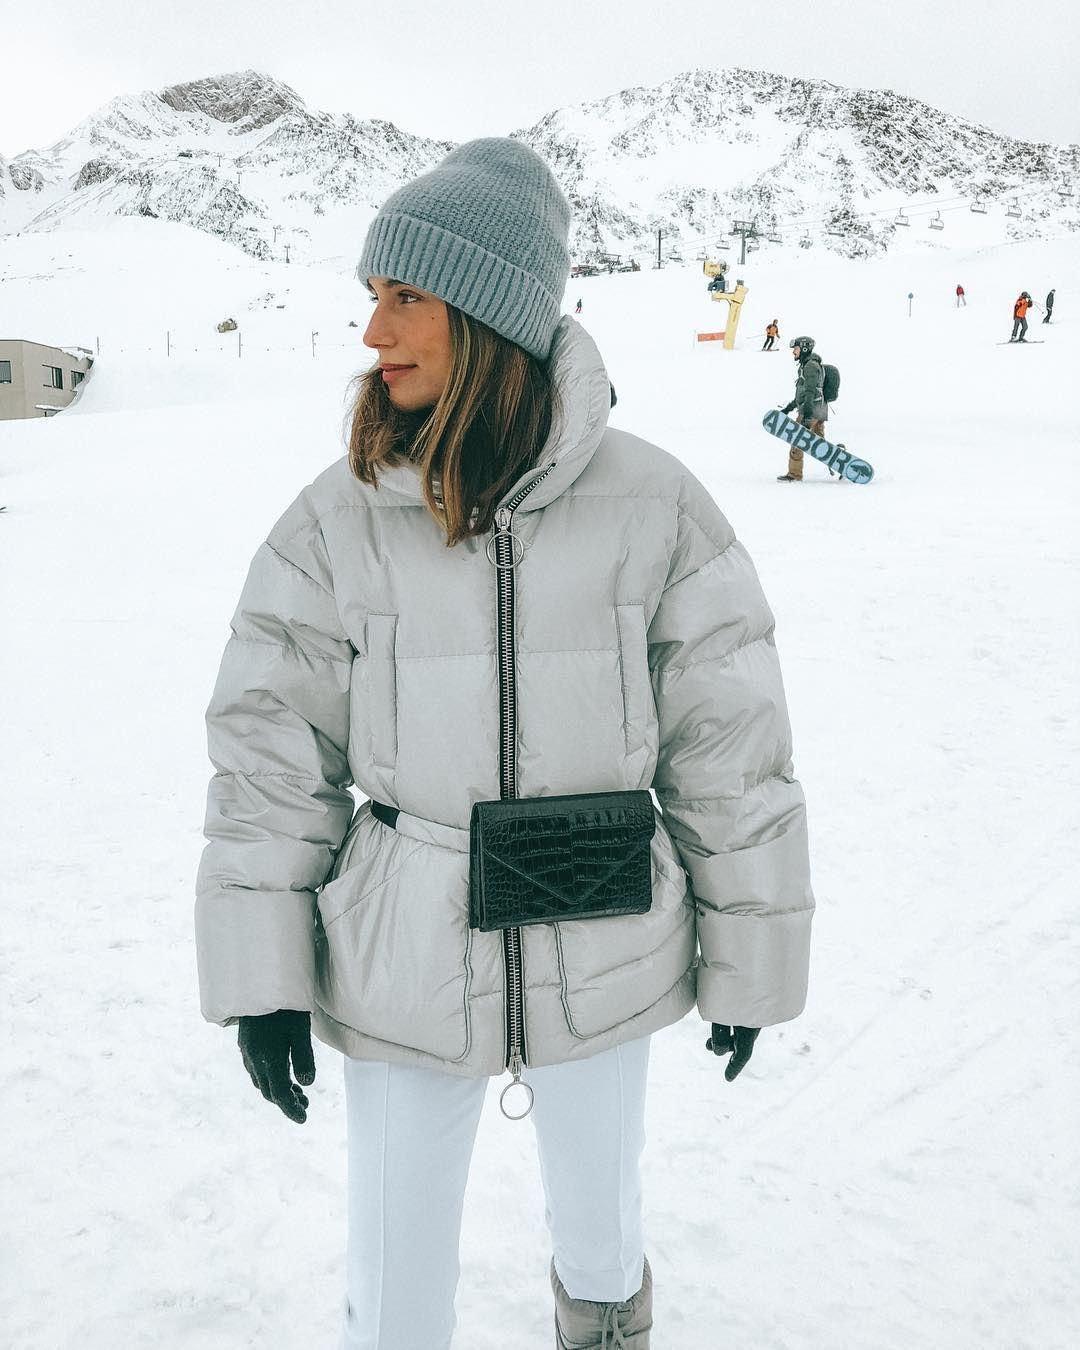 何が今年のスキー場を打つために身に着けていますか?冬はついにクリスマス、正月用の衣装のアイデアを取得を開始するためにそれの時間を意味しており、おそらく今年の最も予想される冬の活動の一つ、スキー!何があなたが(もちろん)暖かい滞在したい時に女の子の摩耗を行いますが、... #cuteoutfits